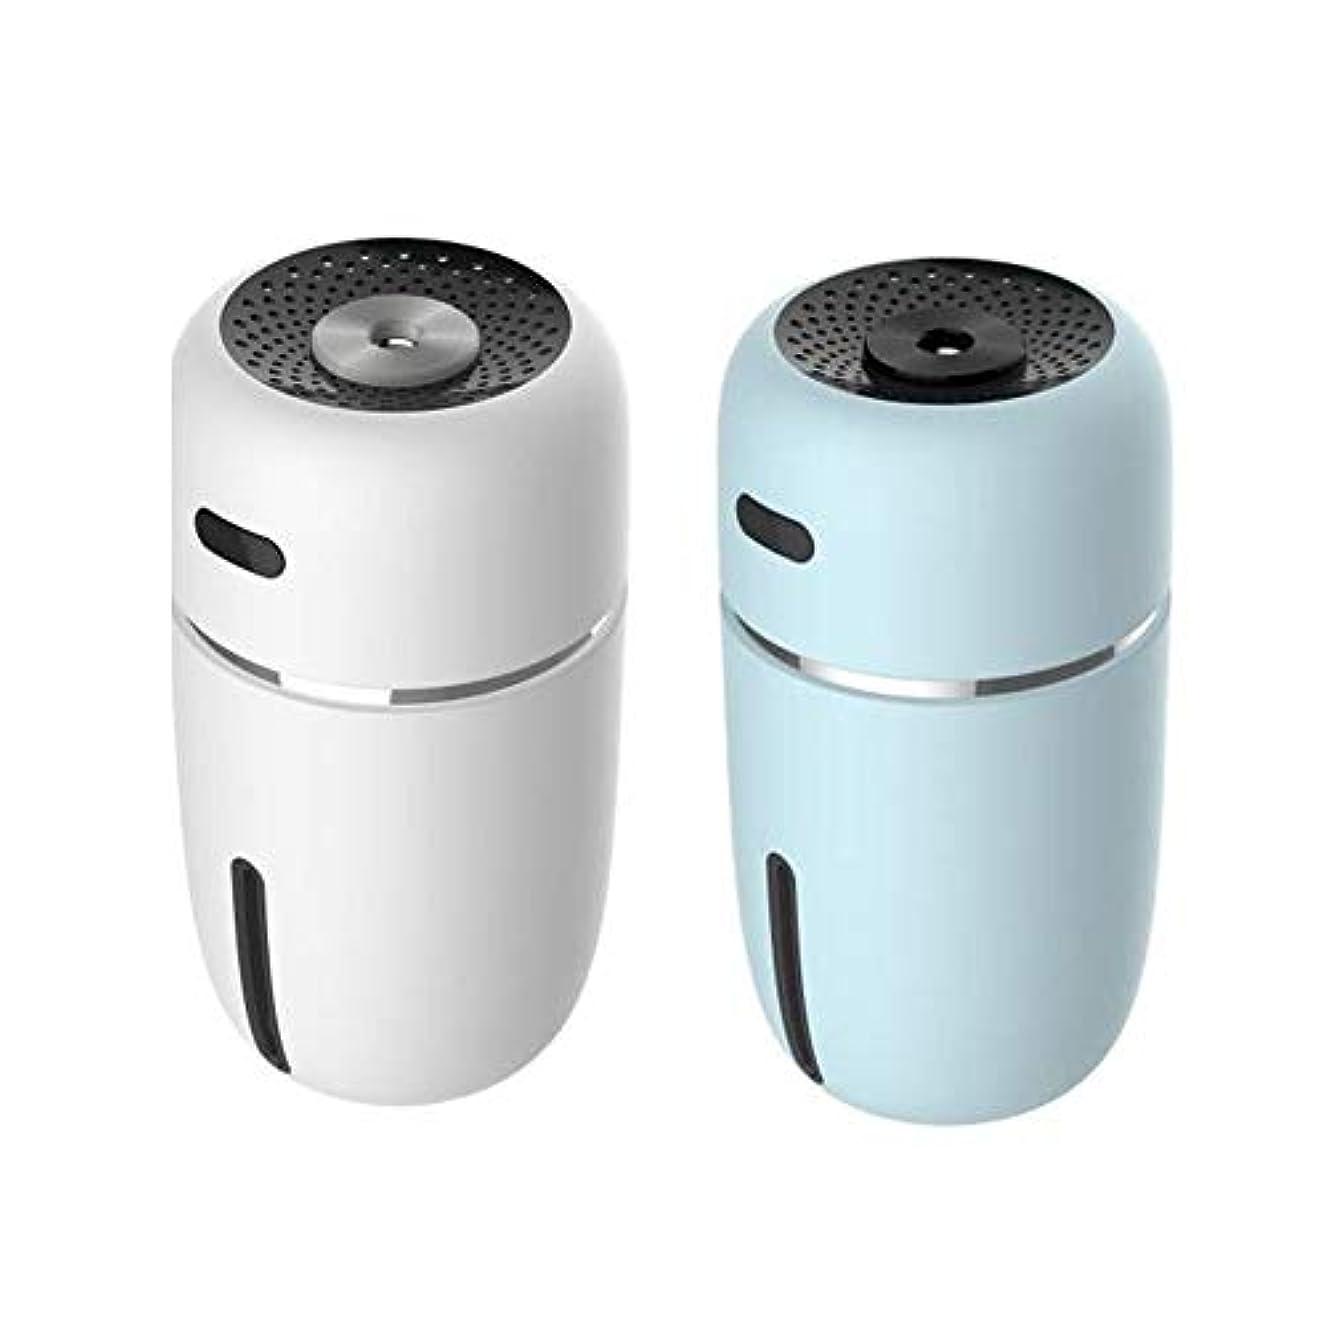 机食い違いリンスZXF 新しいミニナノスプレー水和美容機器加湿器abs素材usb充電車のオフィス空気浄化水道メーター夜ライトブルーセクションホワイト 滑らかである (色 : White)